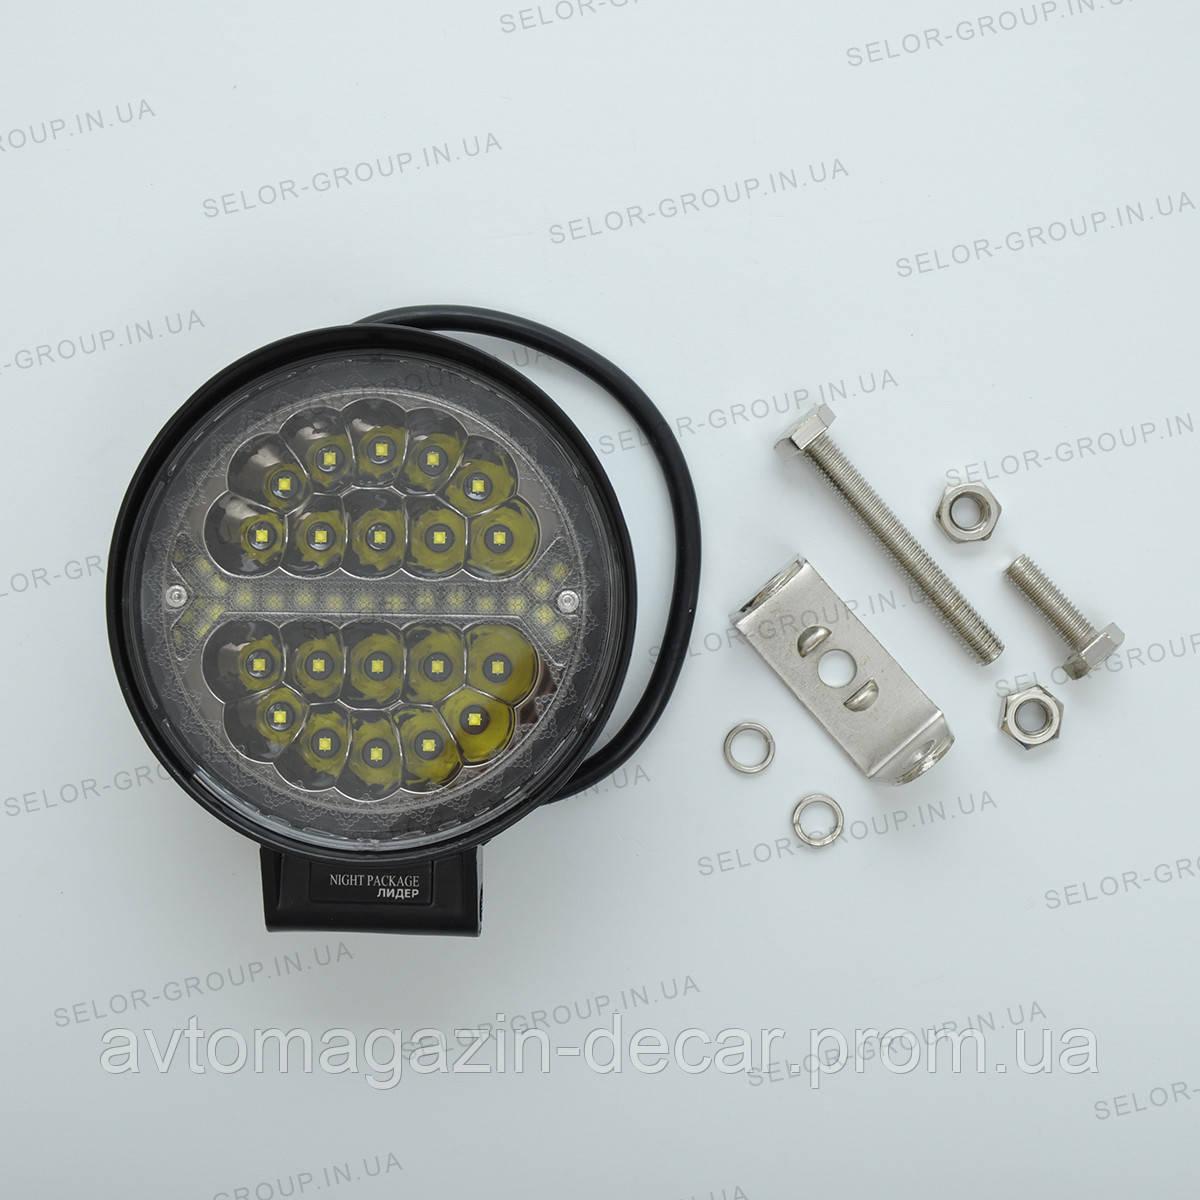 Фара-LED  Круг  60W (3W*20) 10-30V  110*110*45mm  Дальний/SPOT Cree+ДХО+Ожатель Черн(1-60W) (1шт)